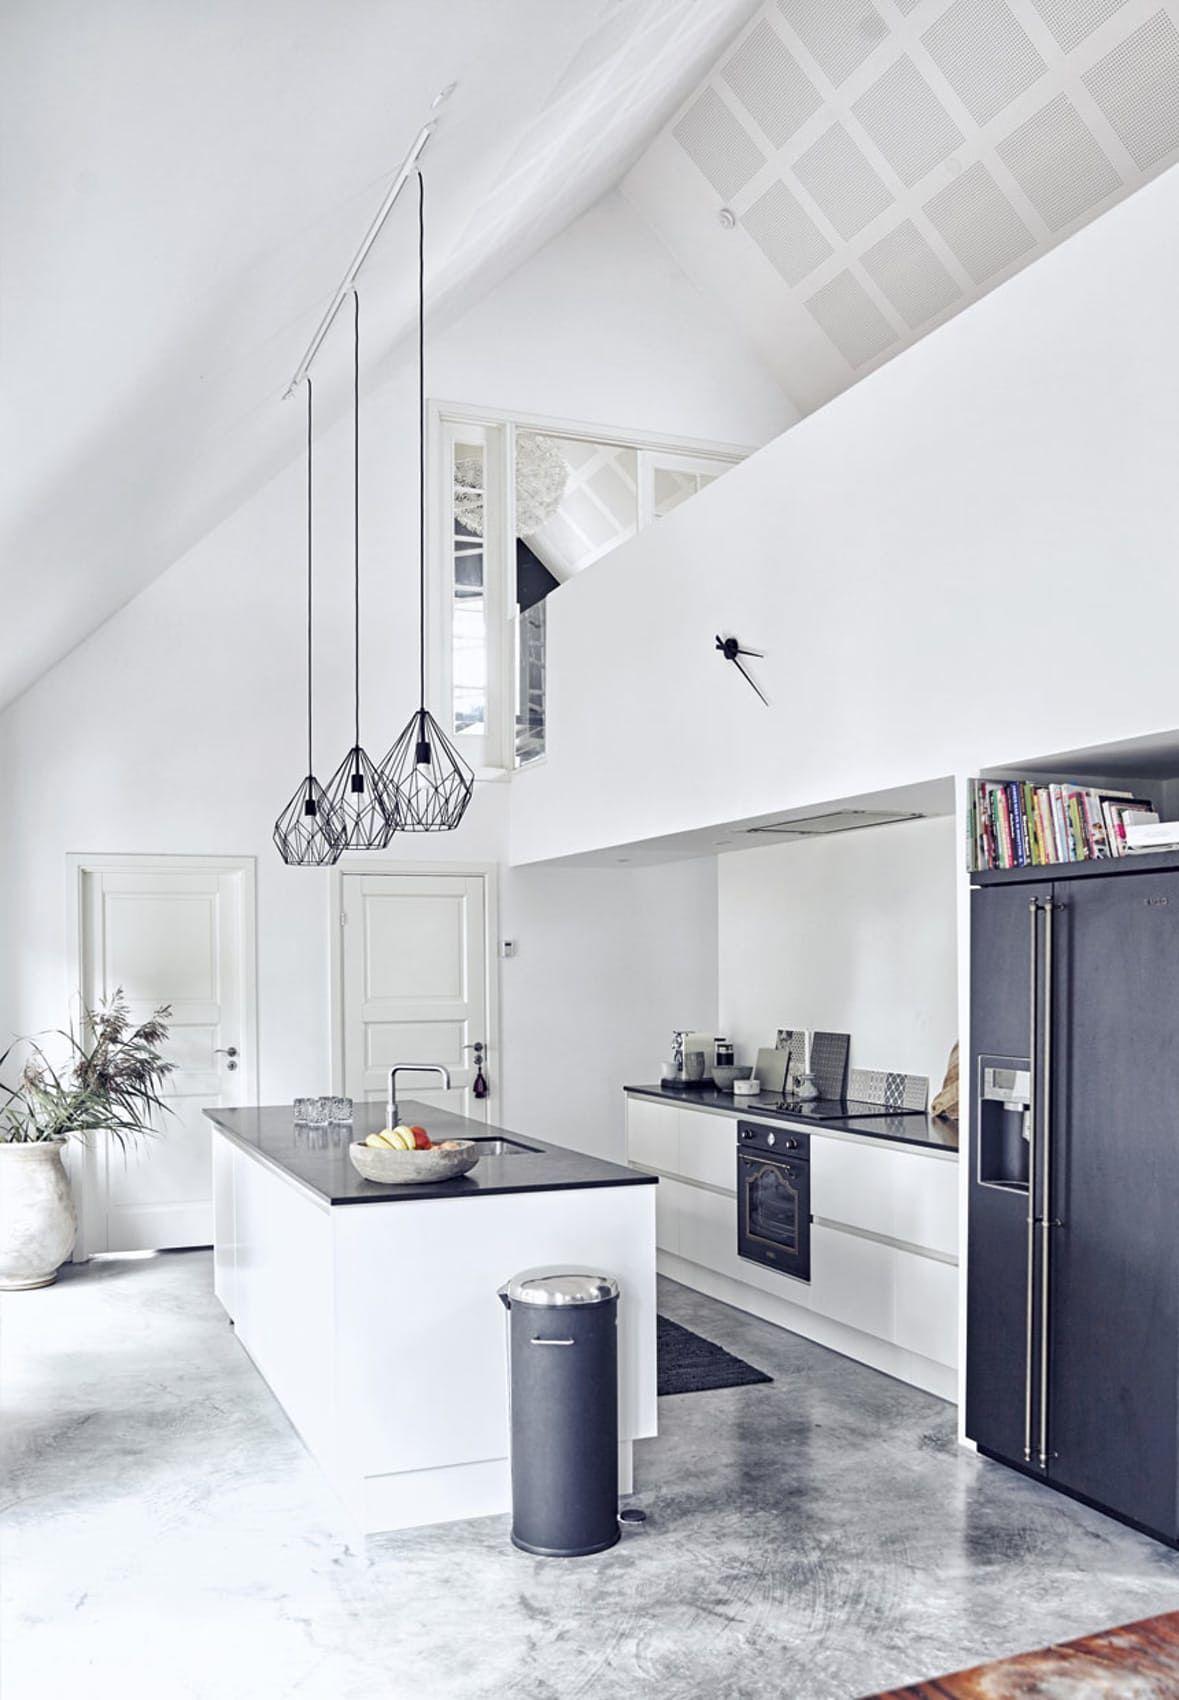 Pin von Mimi auf kitchen | Pinterest | Haus, Haus küchen und Zuhause